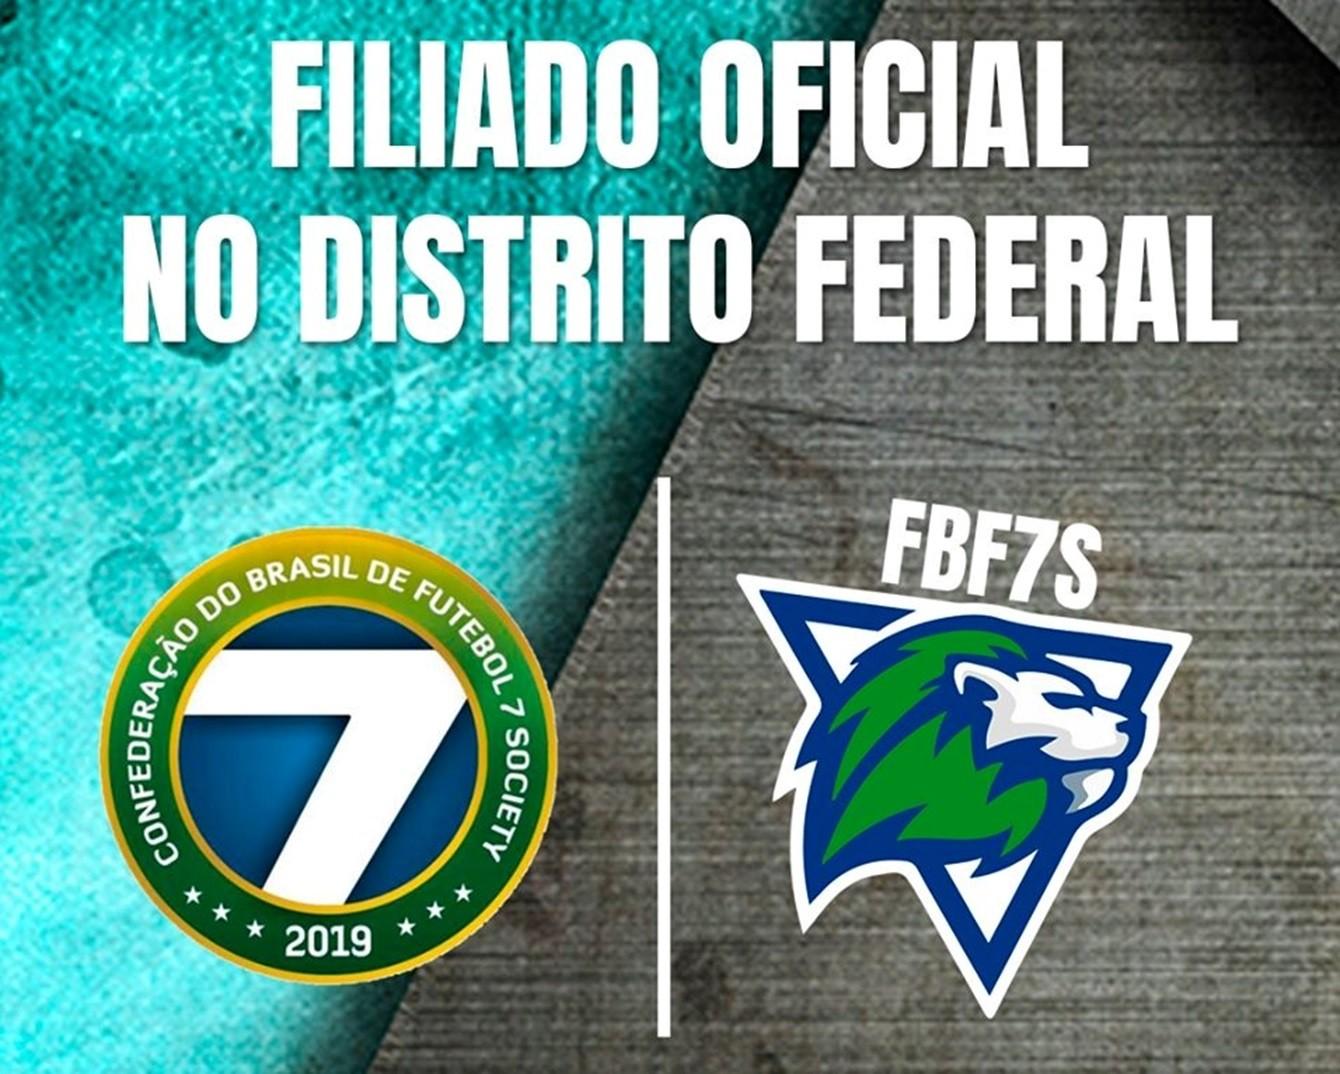 Confederação anuncia a décima quarta entidade estadual filiada